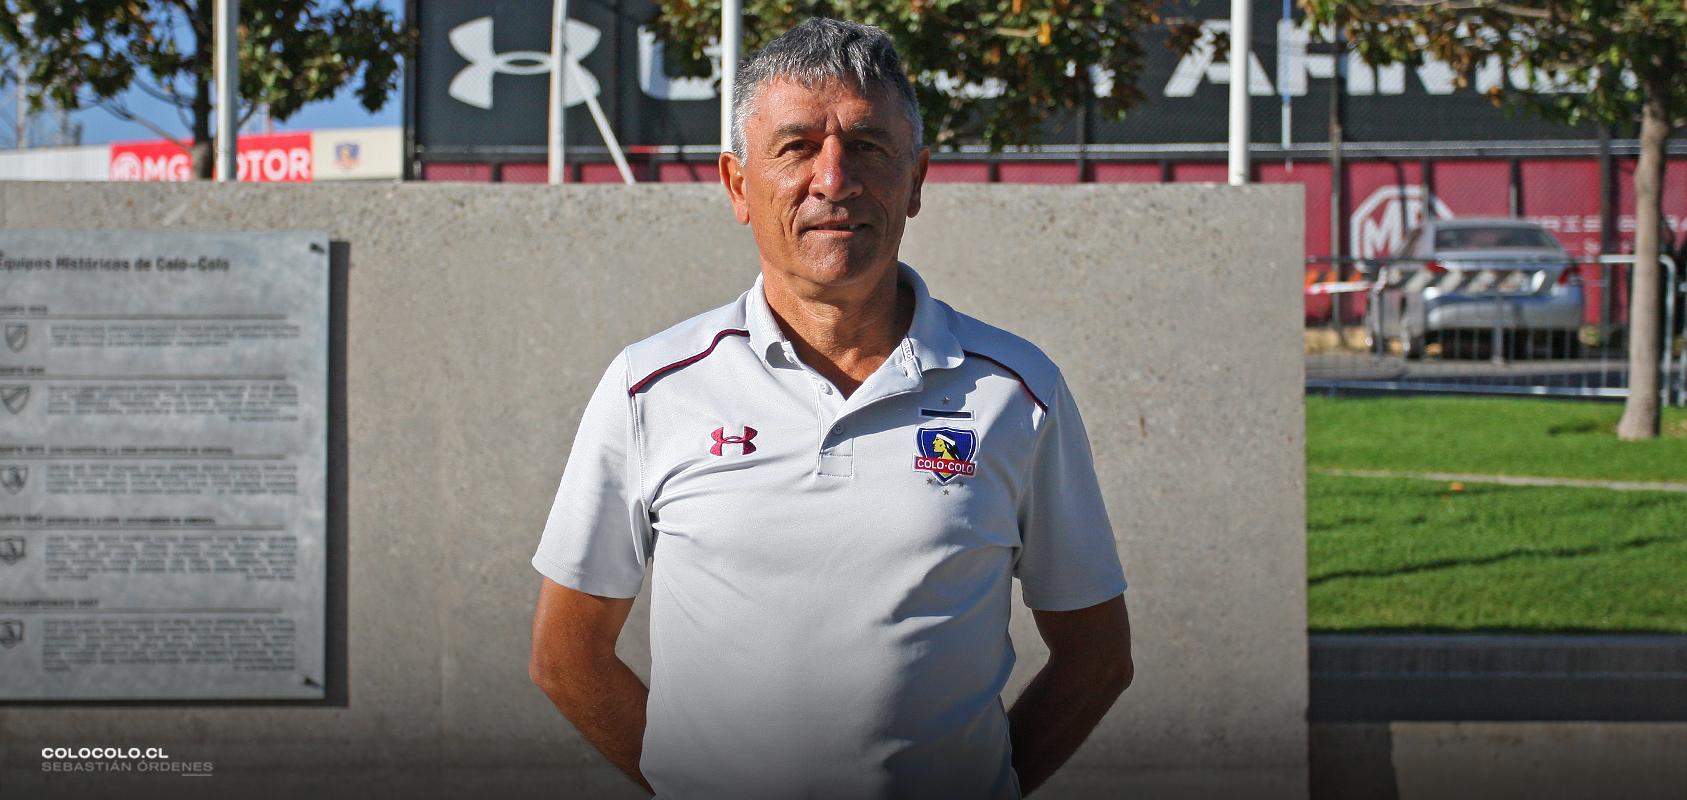 El balance y proyección de Ariel Paolorossi con el Fútbol Joven de Colo-Colo